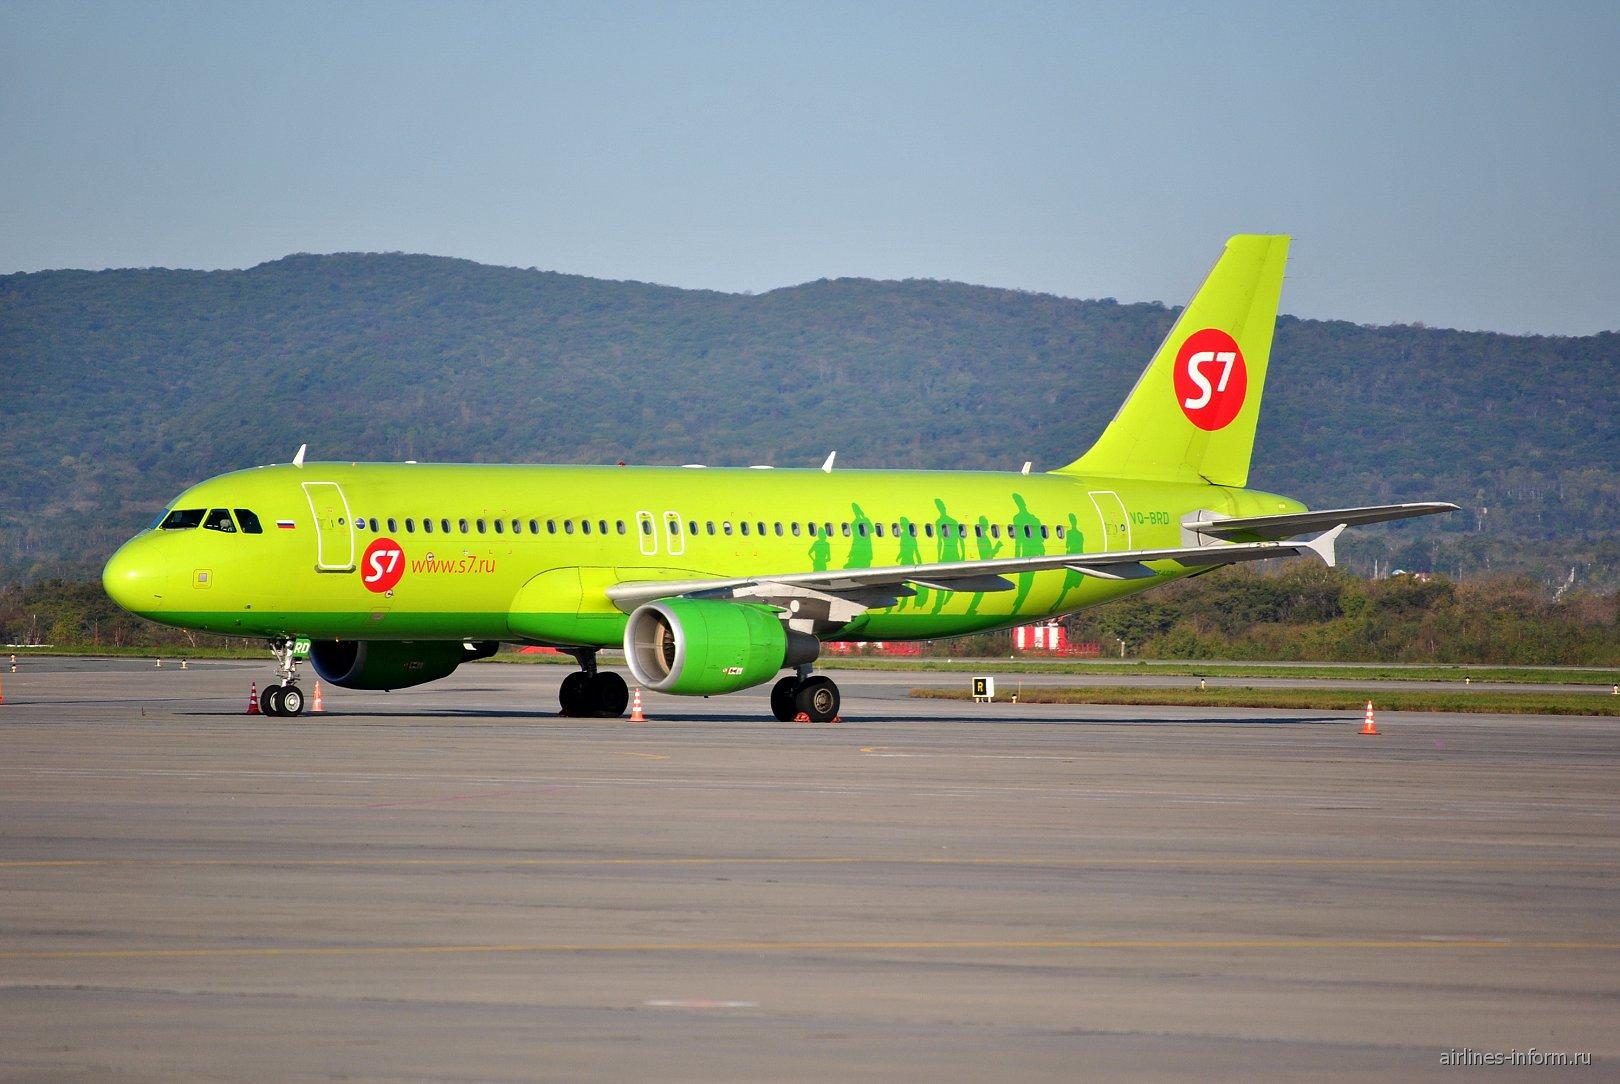 Самолет Airbus A320 авиакомпании S7 Airlines в аэропорту Владивостока